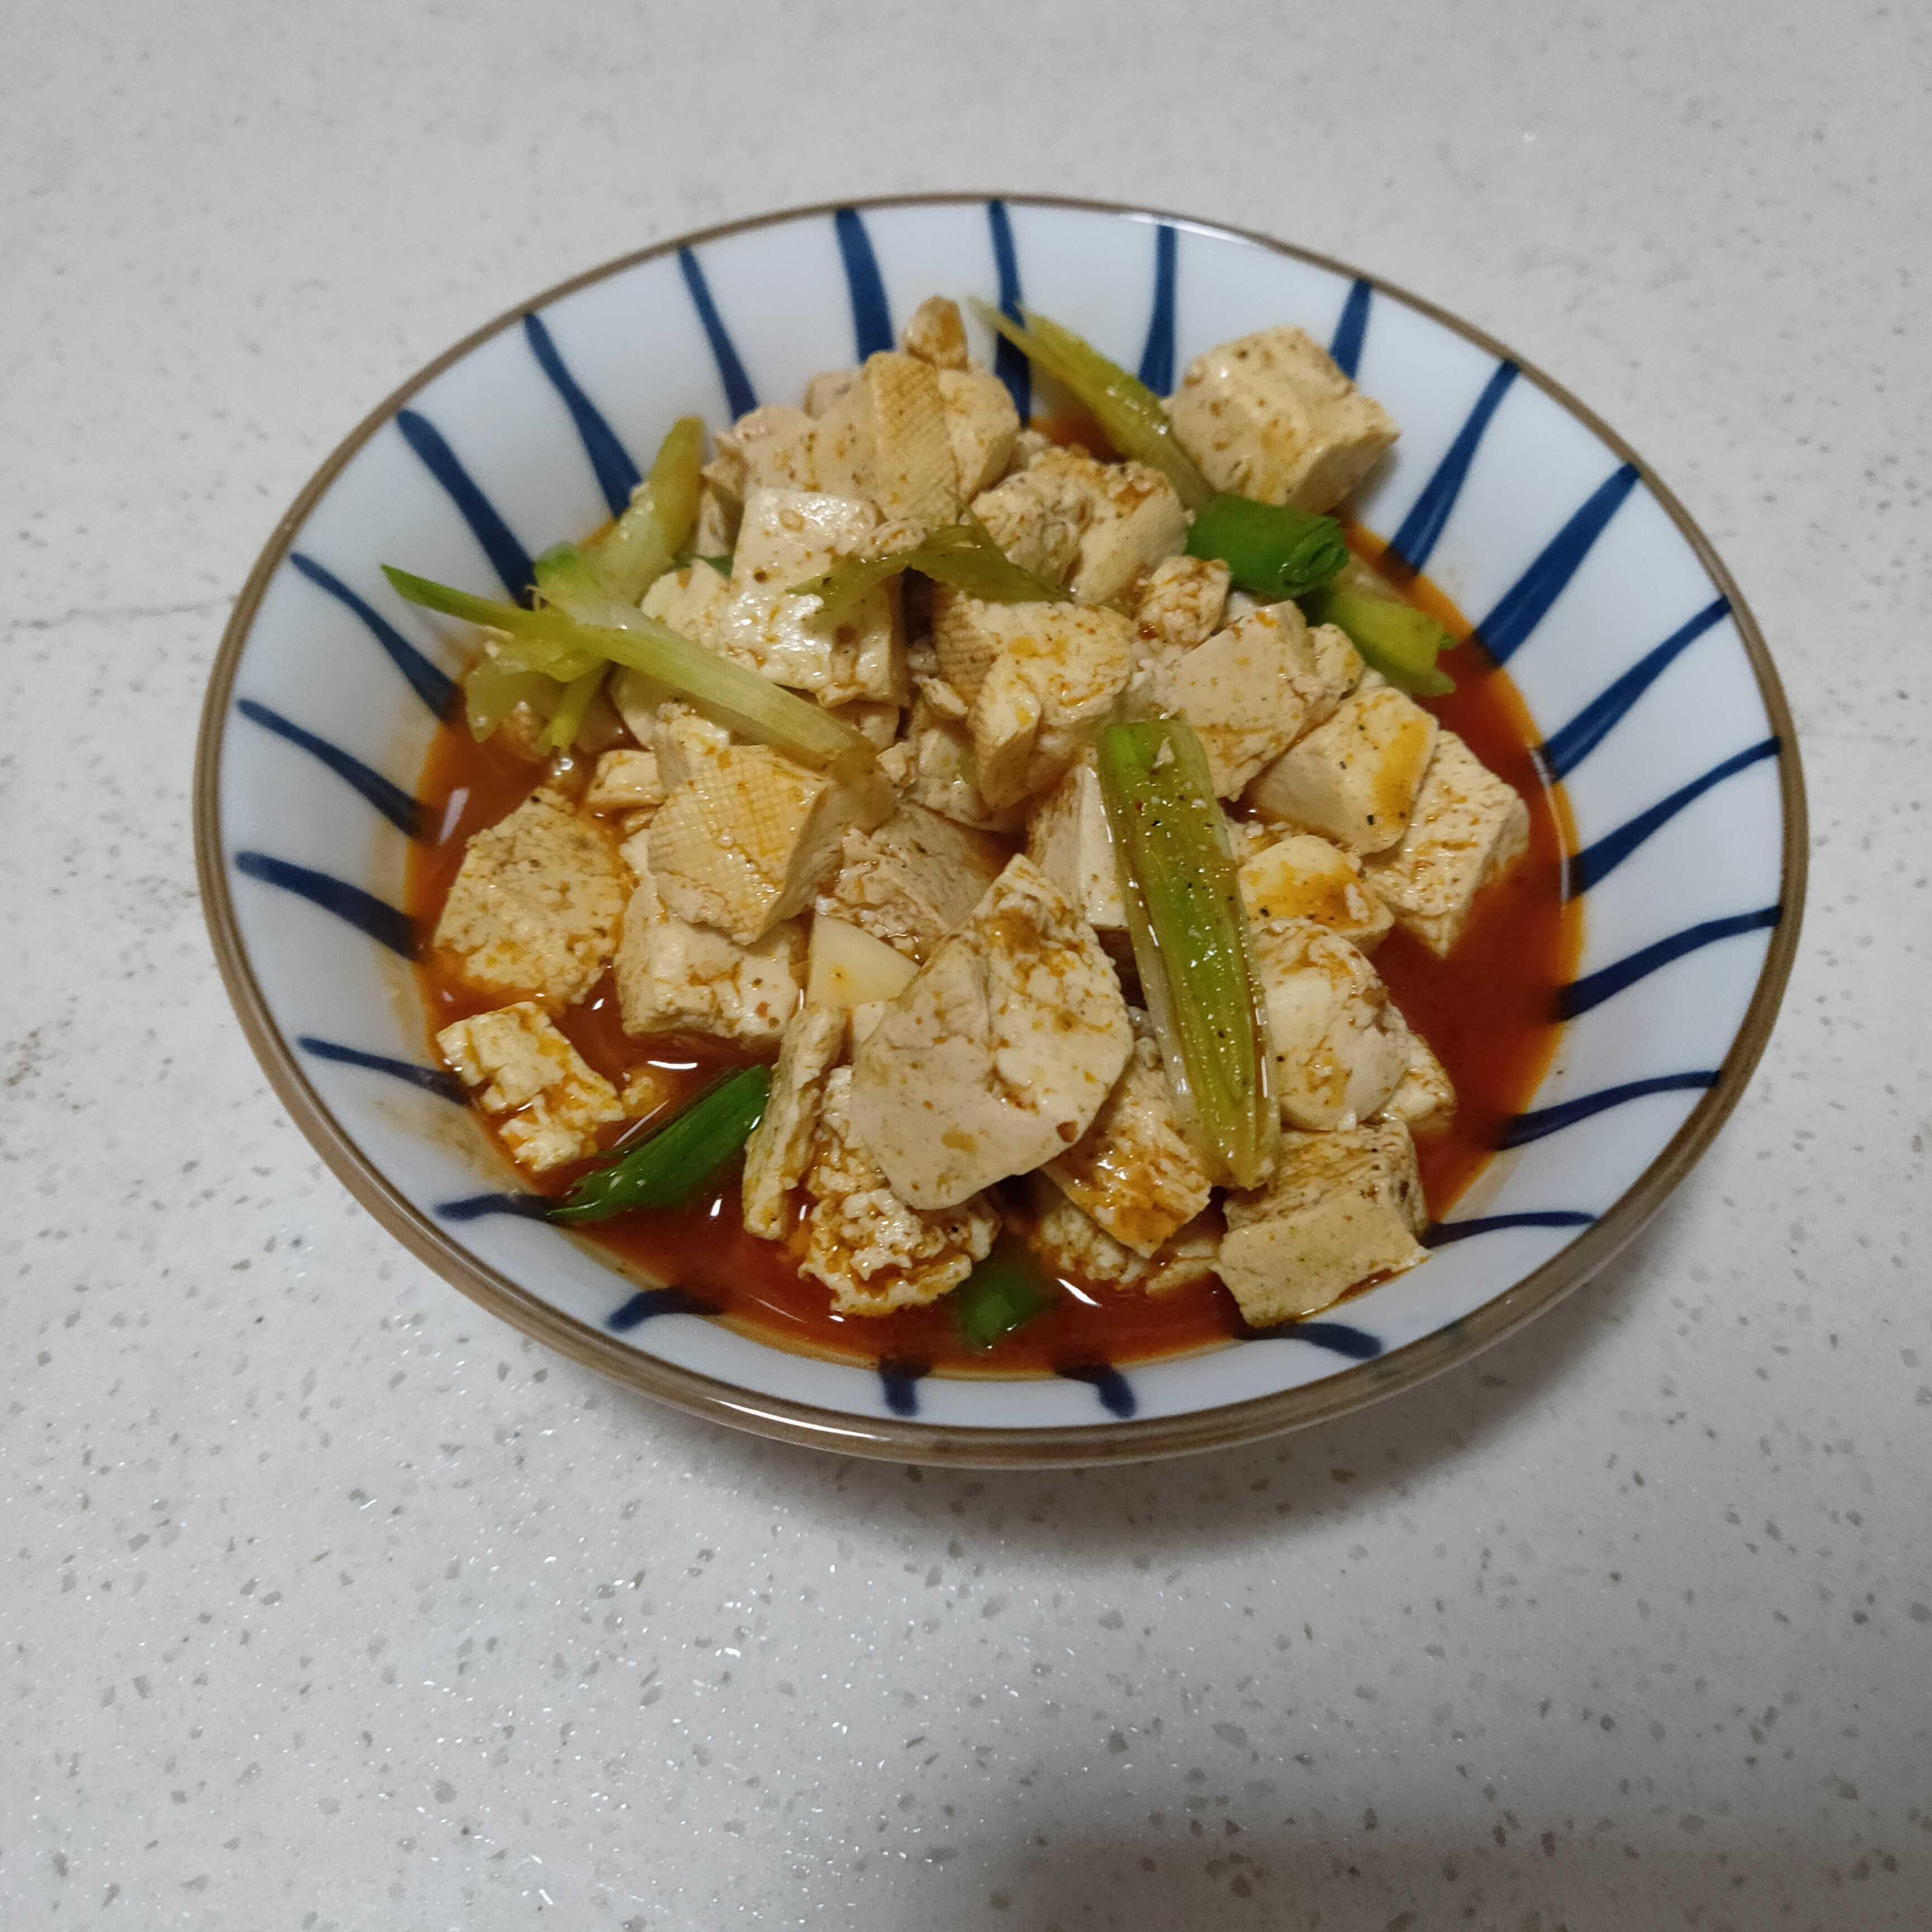 麻辣冻豆腐怎么煮